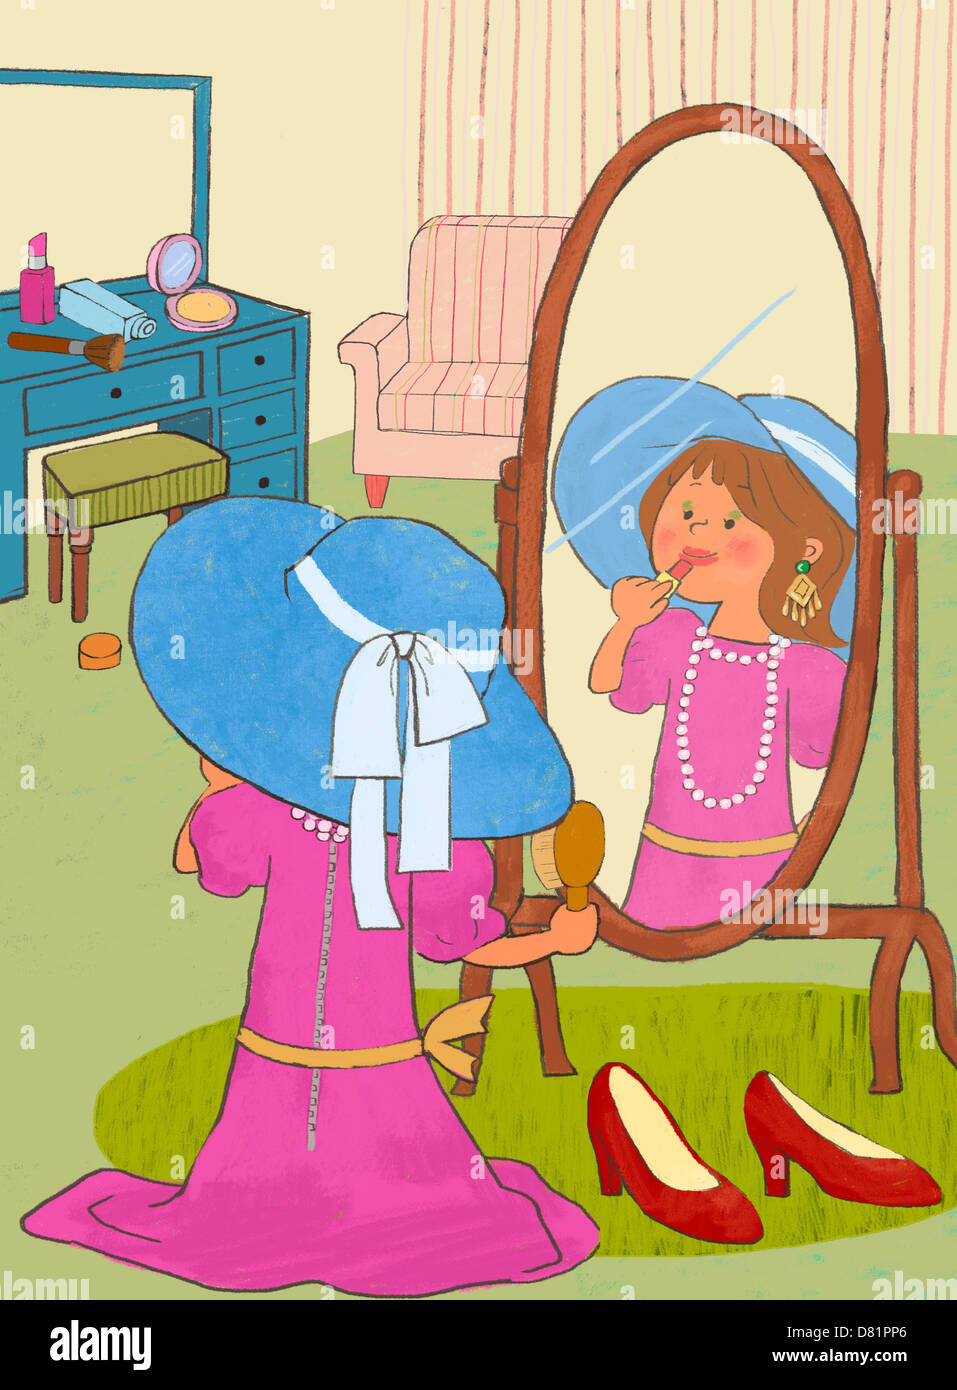 Veranschaulichung ein spielendes Kind. Stockbild